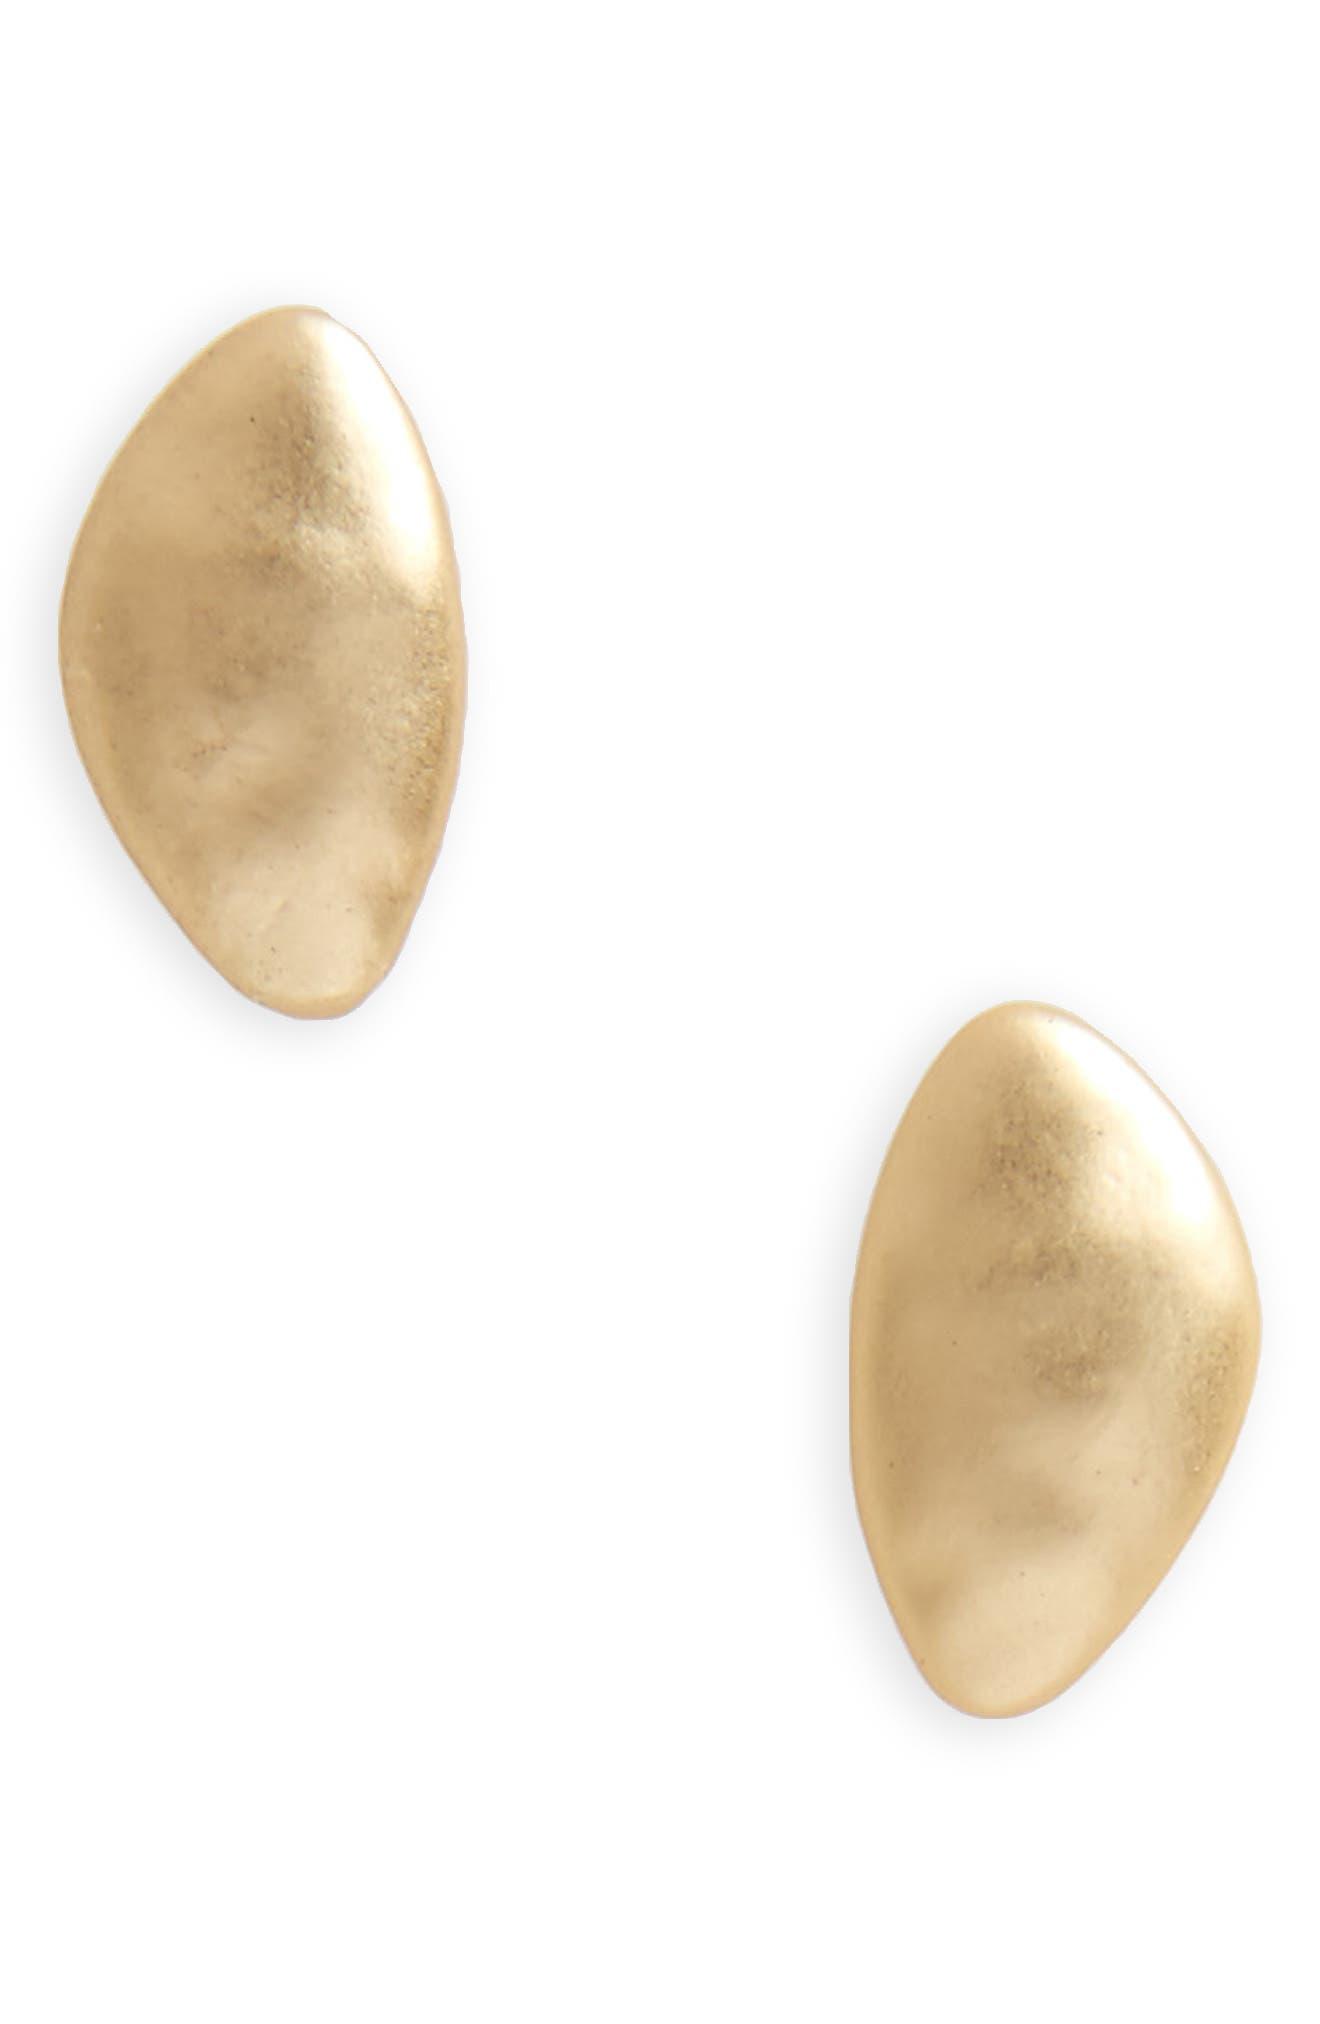 Halogen® Brushed Metal Stud Earrings